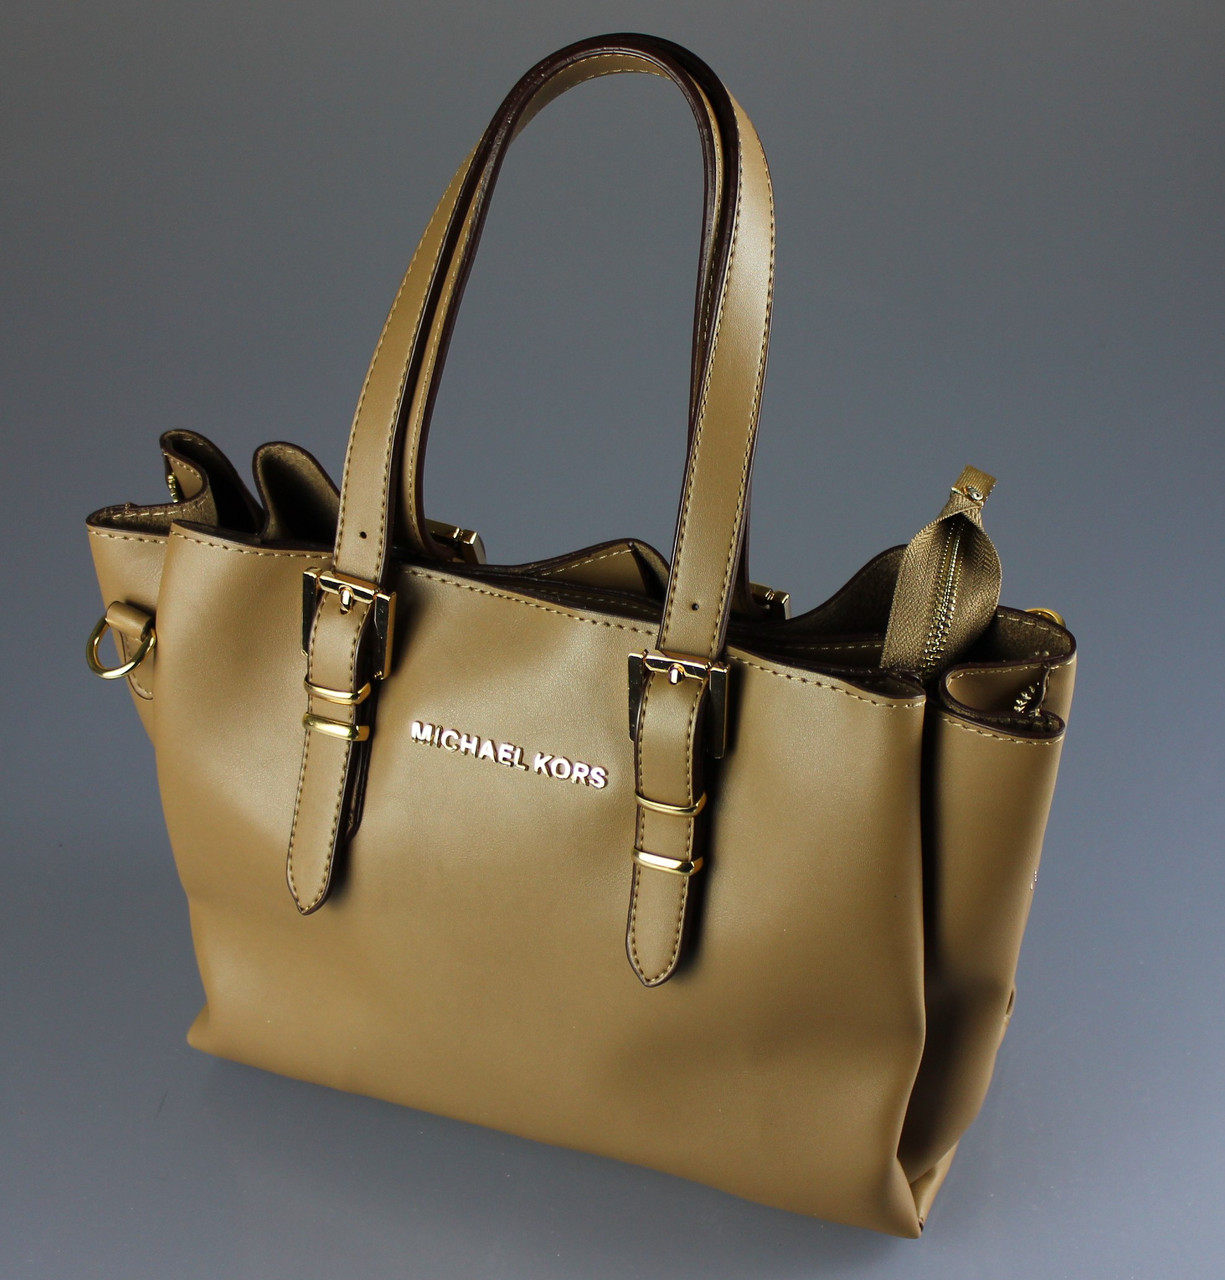 Женская сумка Michael Kors оптом. -